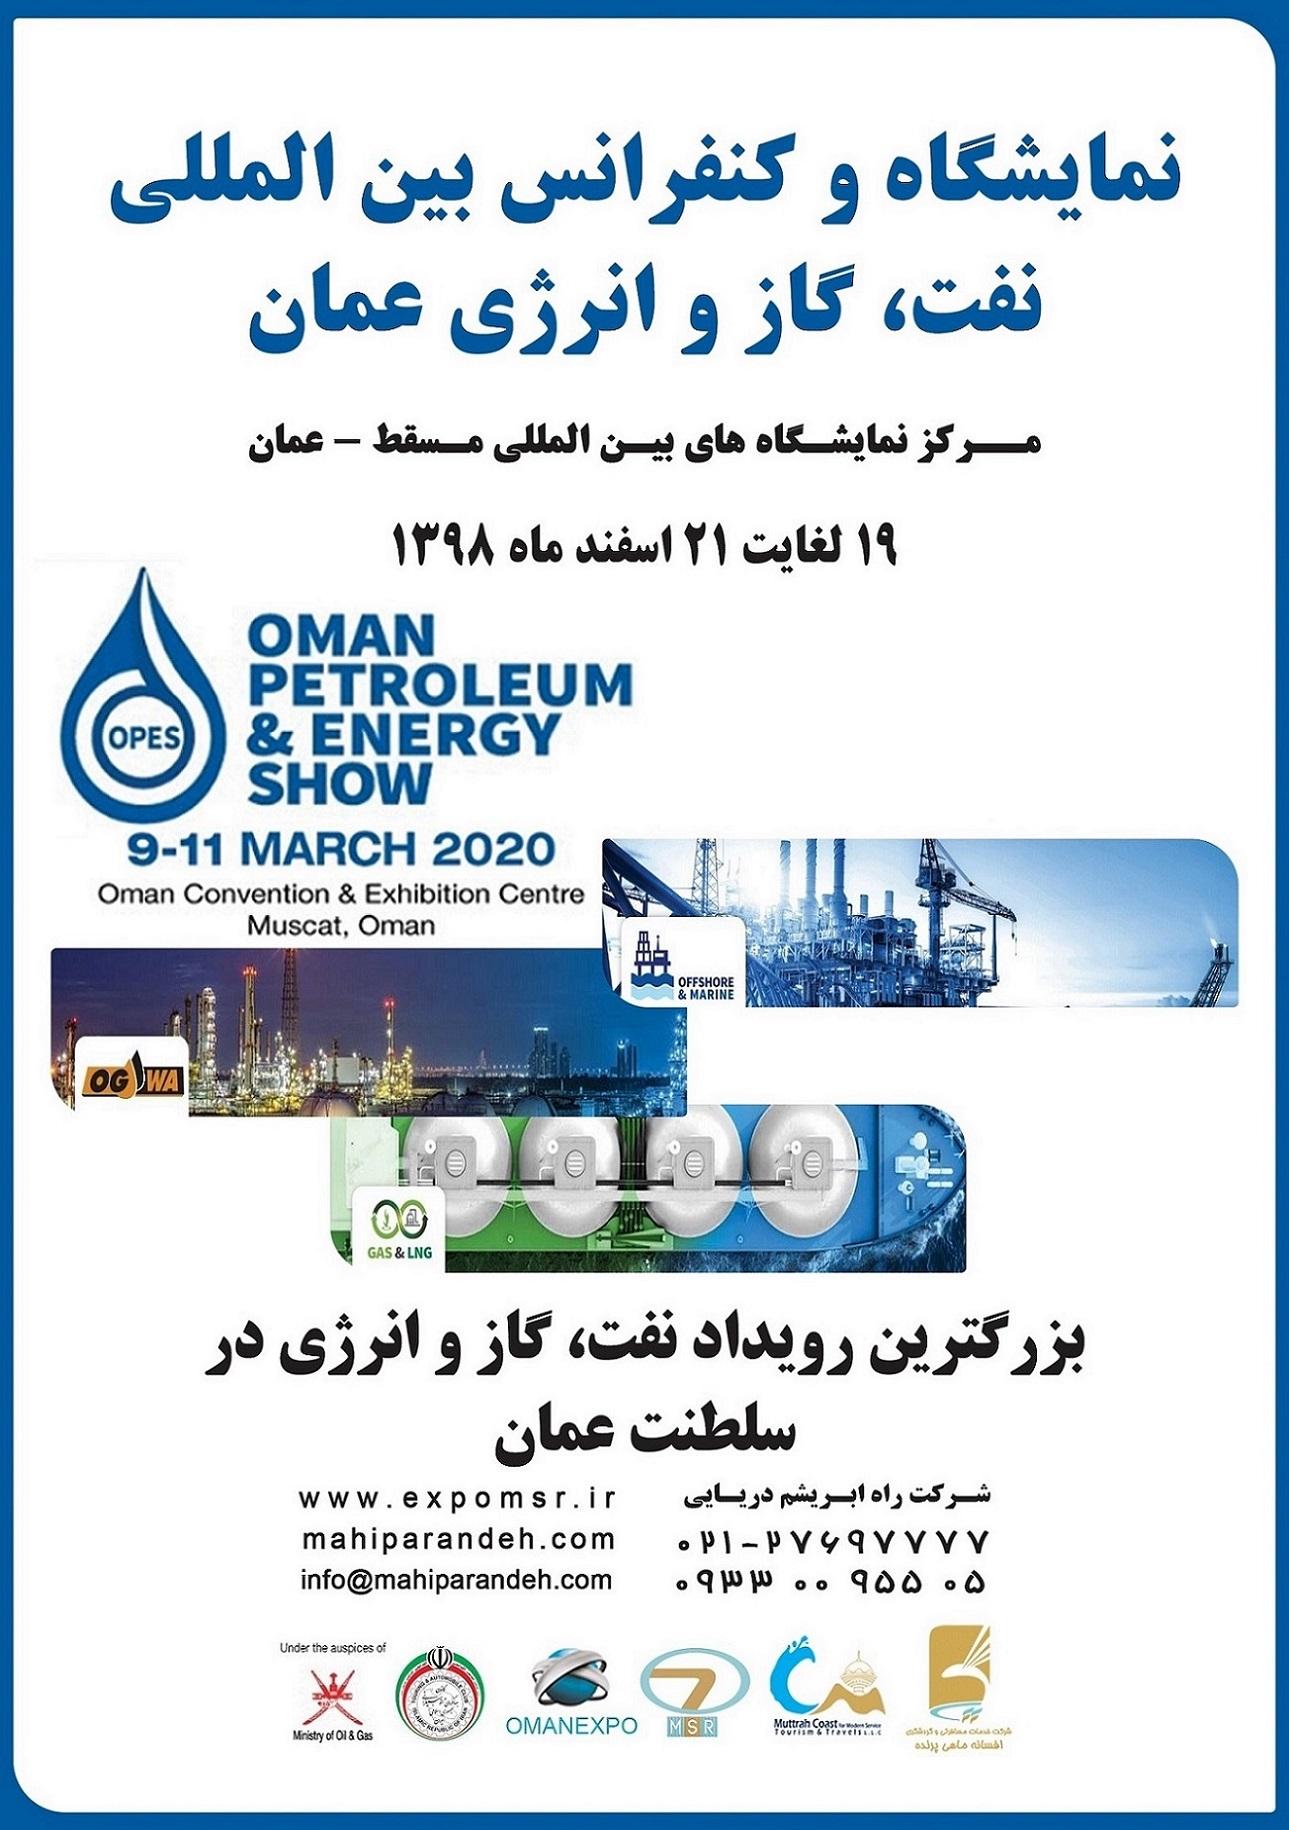 نمایشگاه بین المللی نفت،گاز و انرژی عمان مسقط 2020